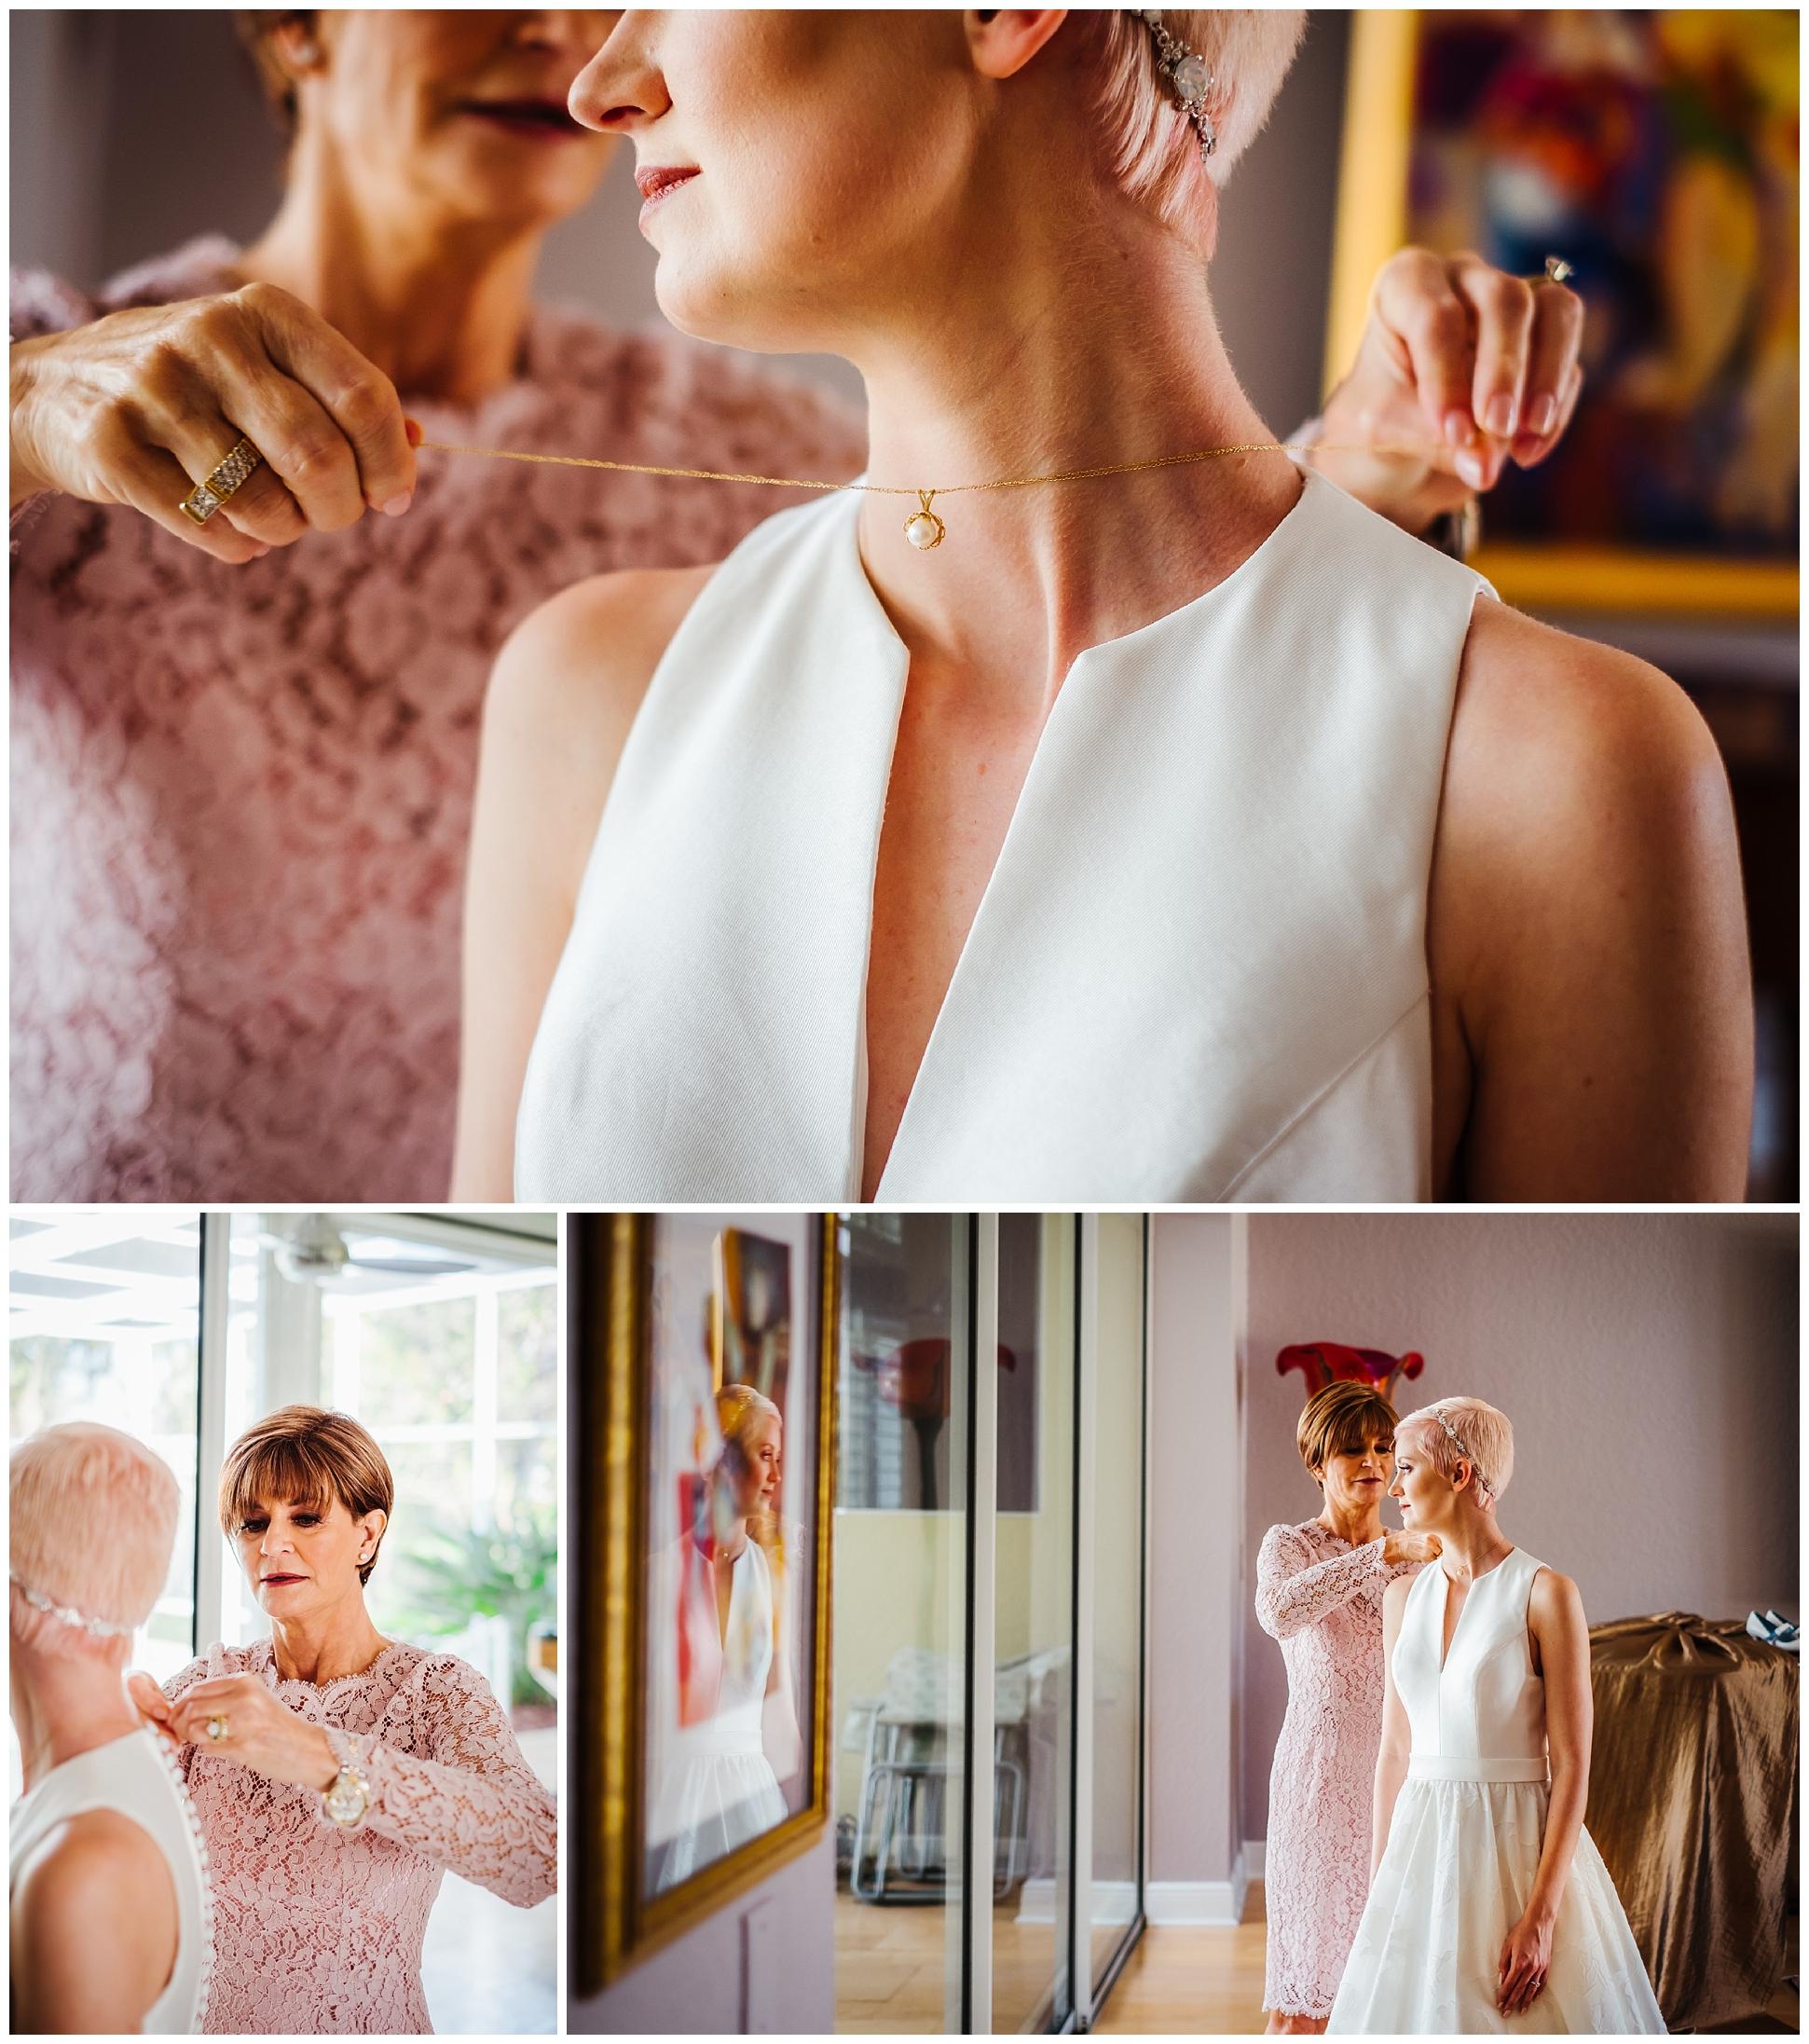 tierra-verde-st-pete-florida-home-luxury-wedding-greenery-pink-pixie-bride_0015.jpg